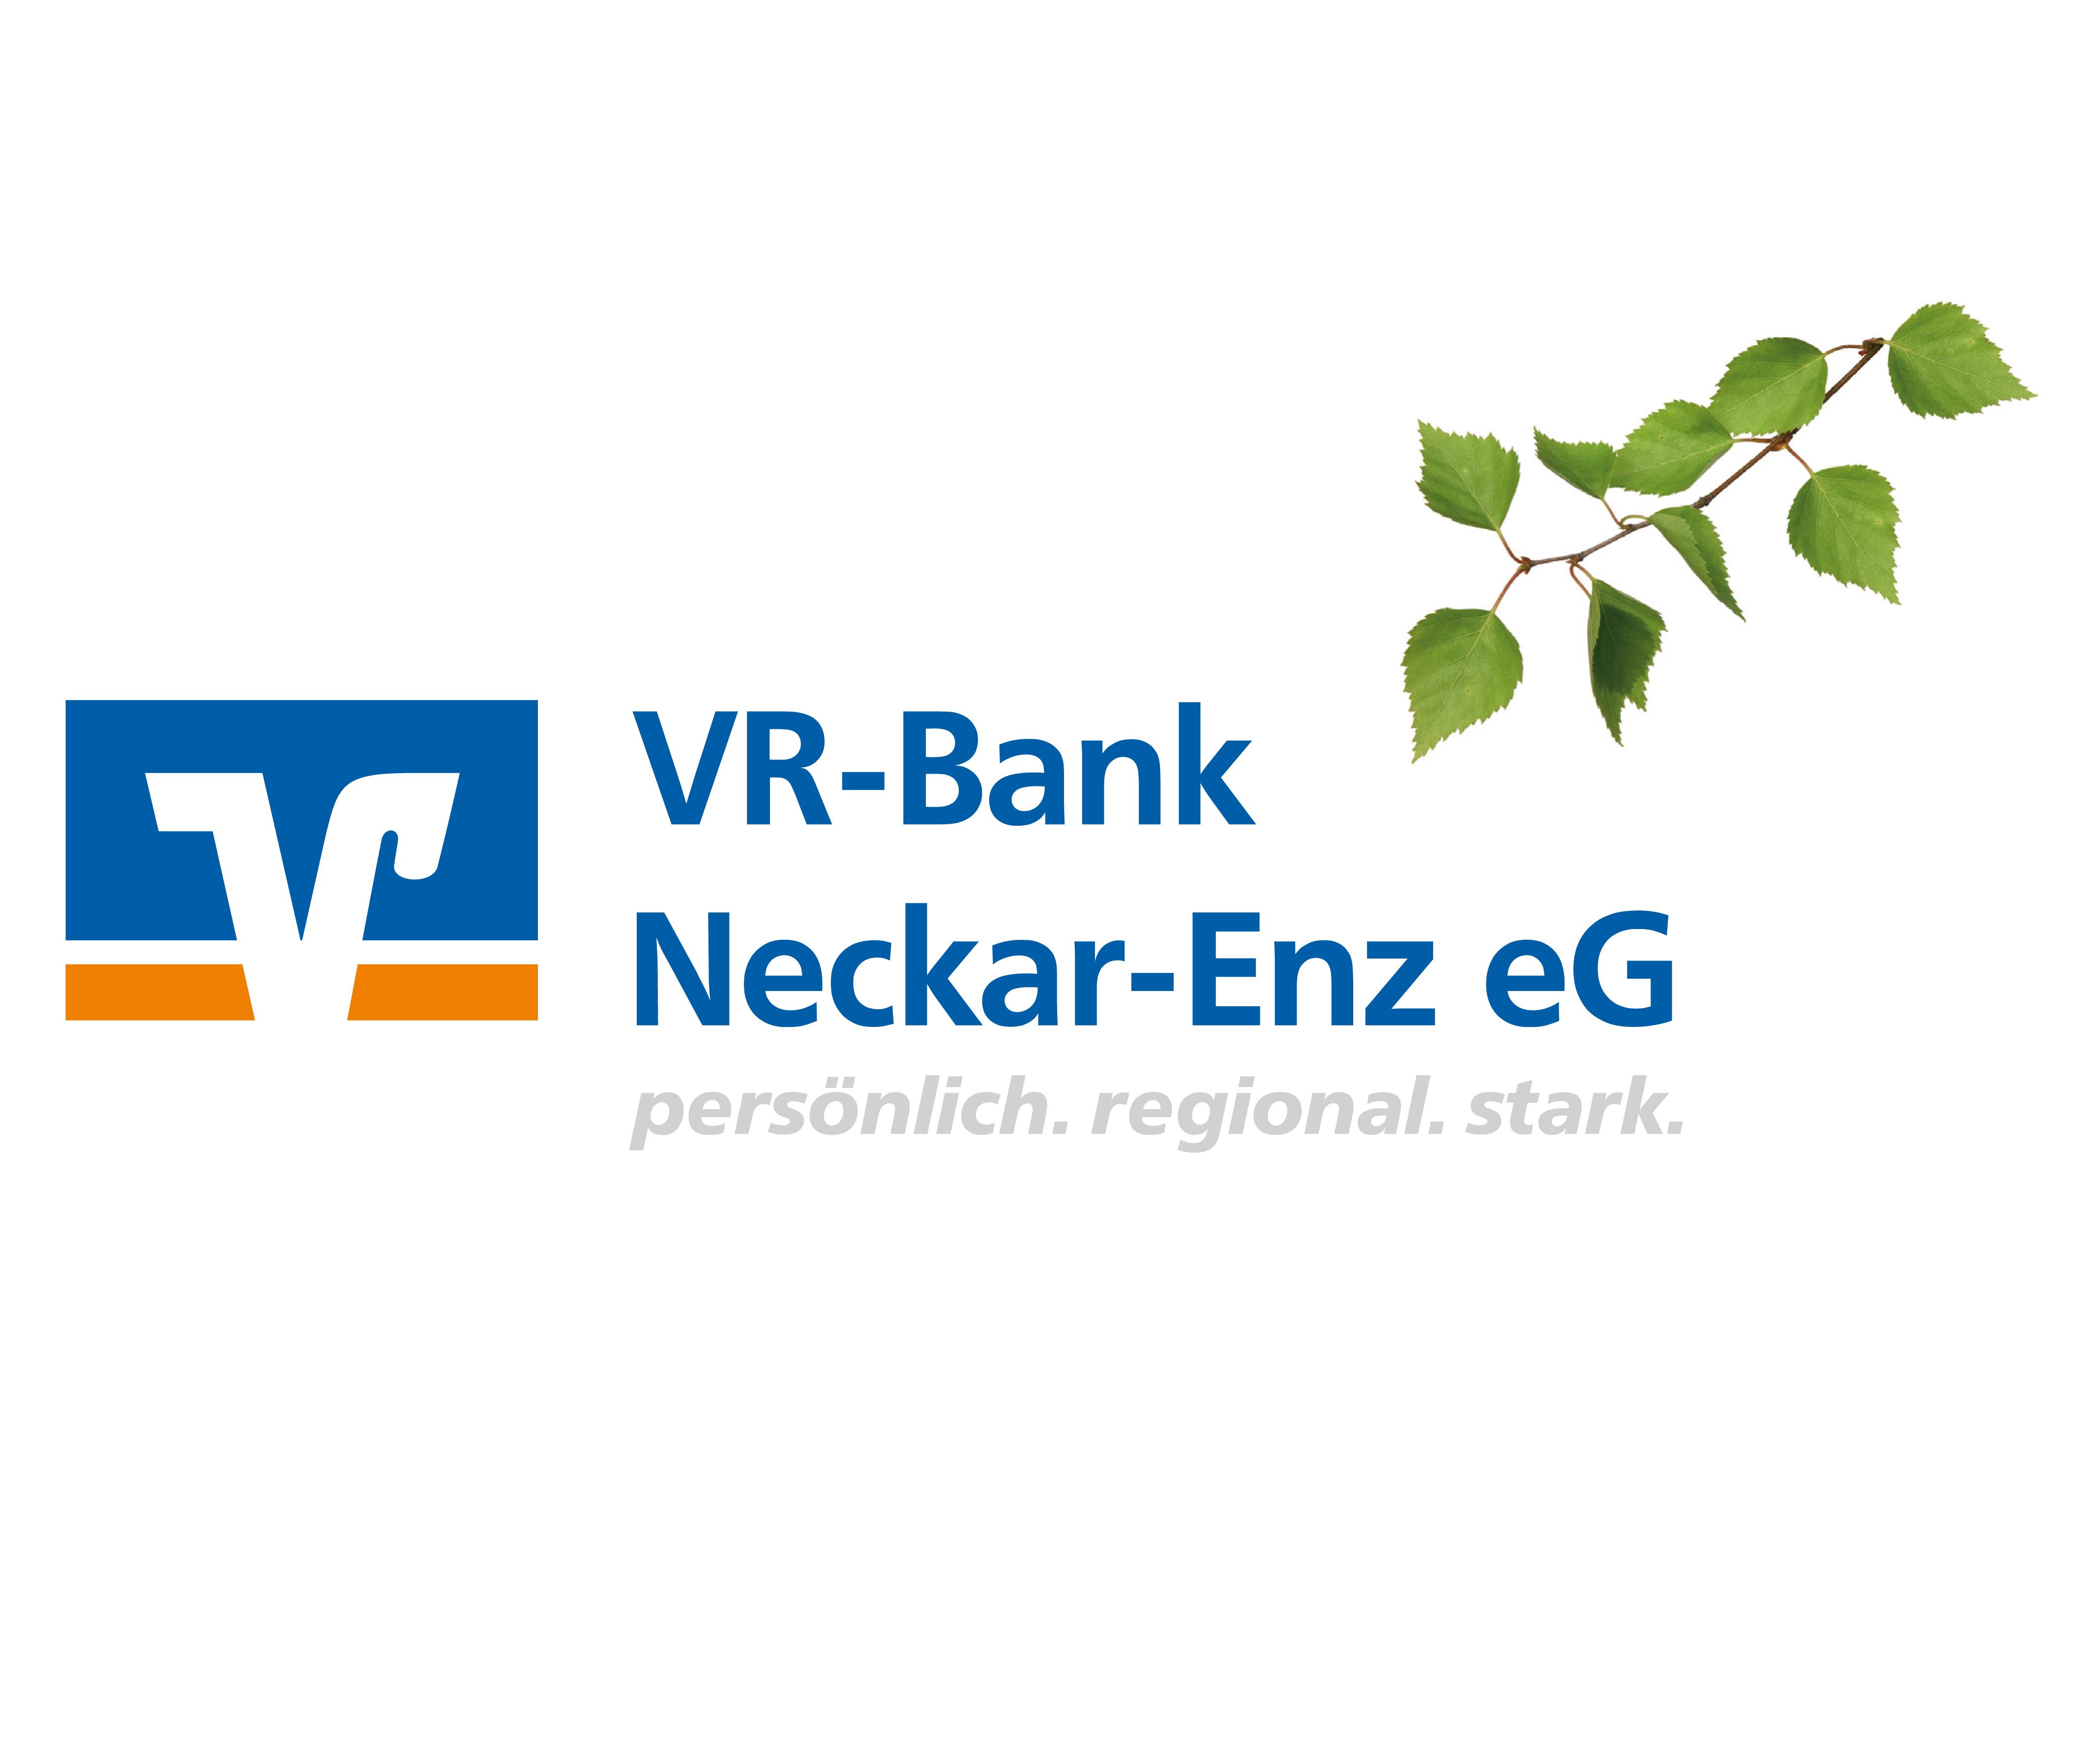 VR-Bank Neckar-Enz eG, Filiale Kleinsachsenheim